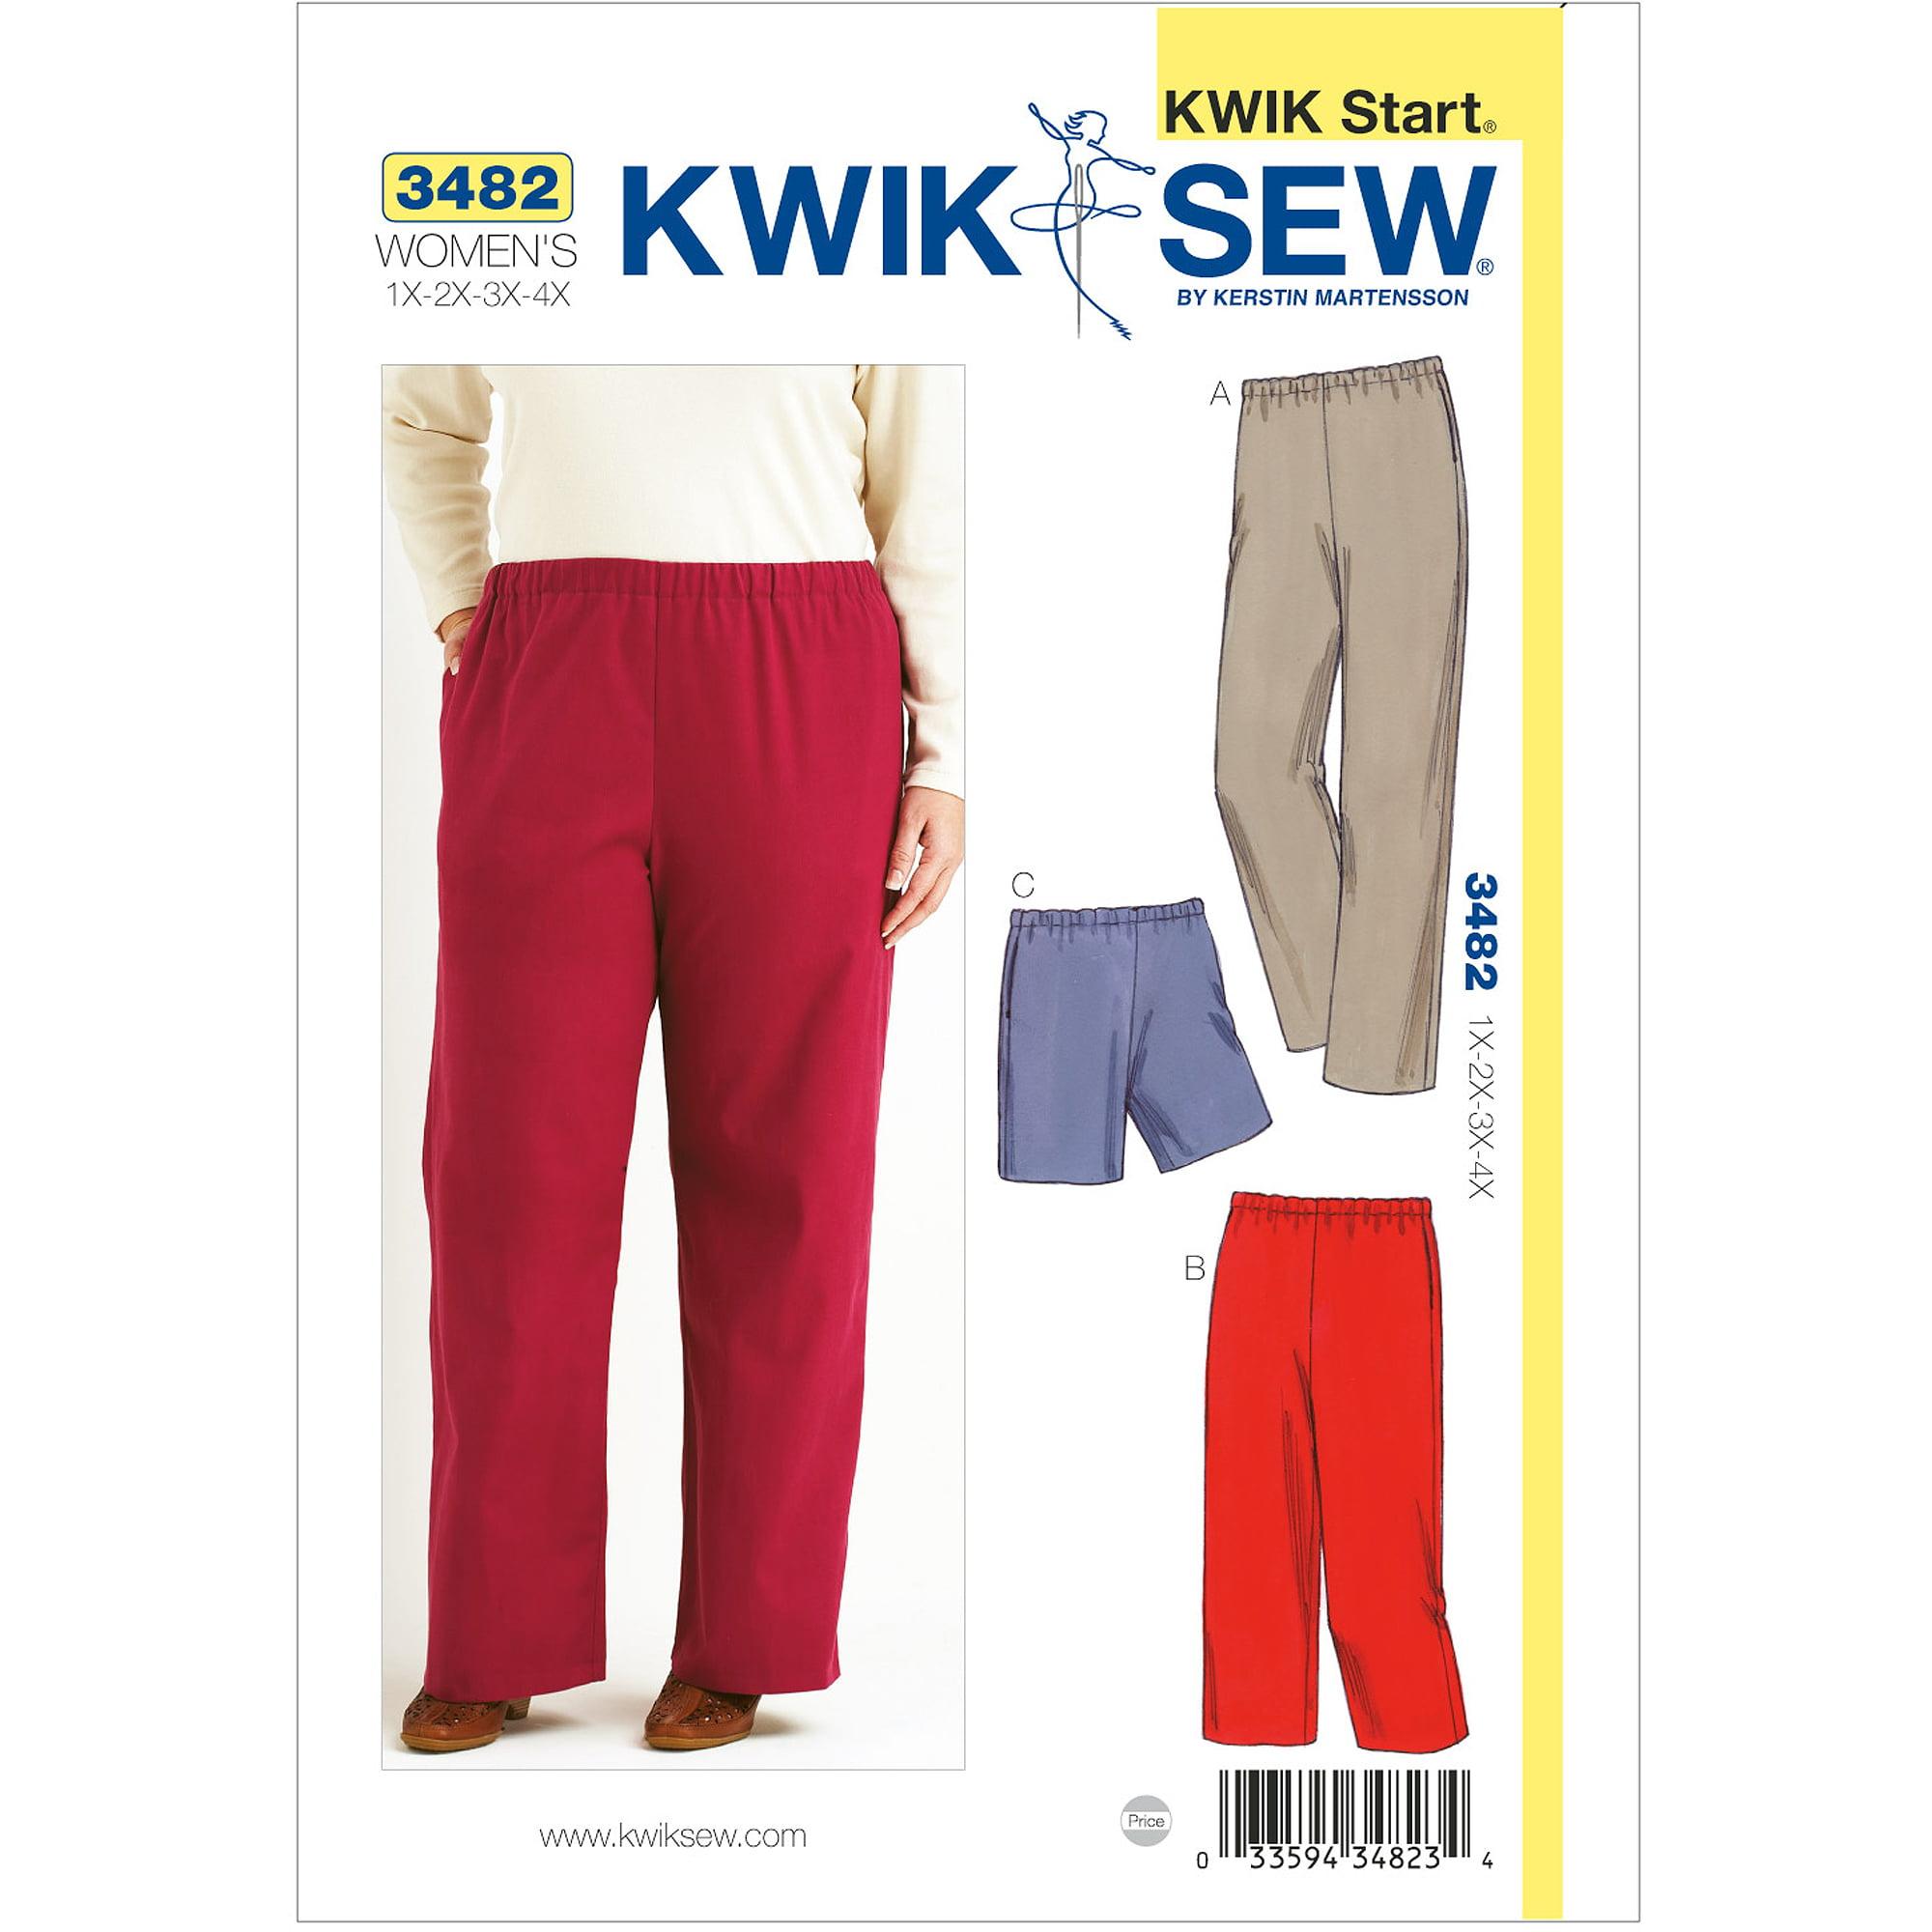 Kwik Sew Pattern Pants and Shorts, (1X, 2X, 3X, 4X)